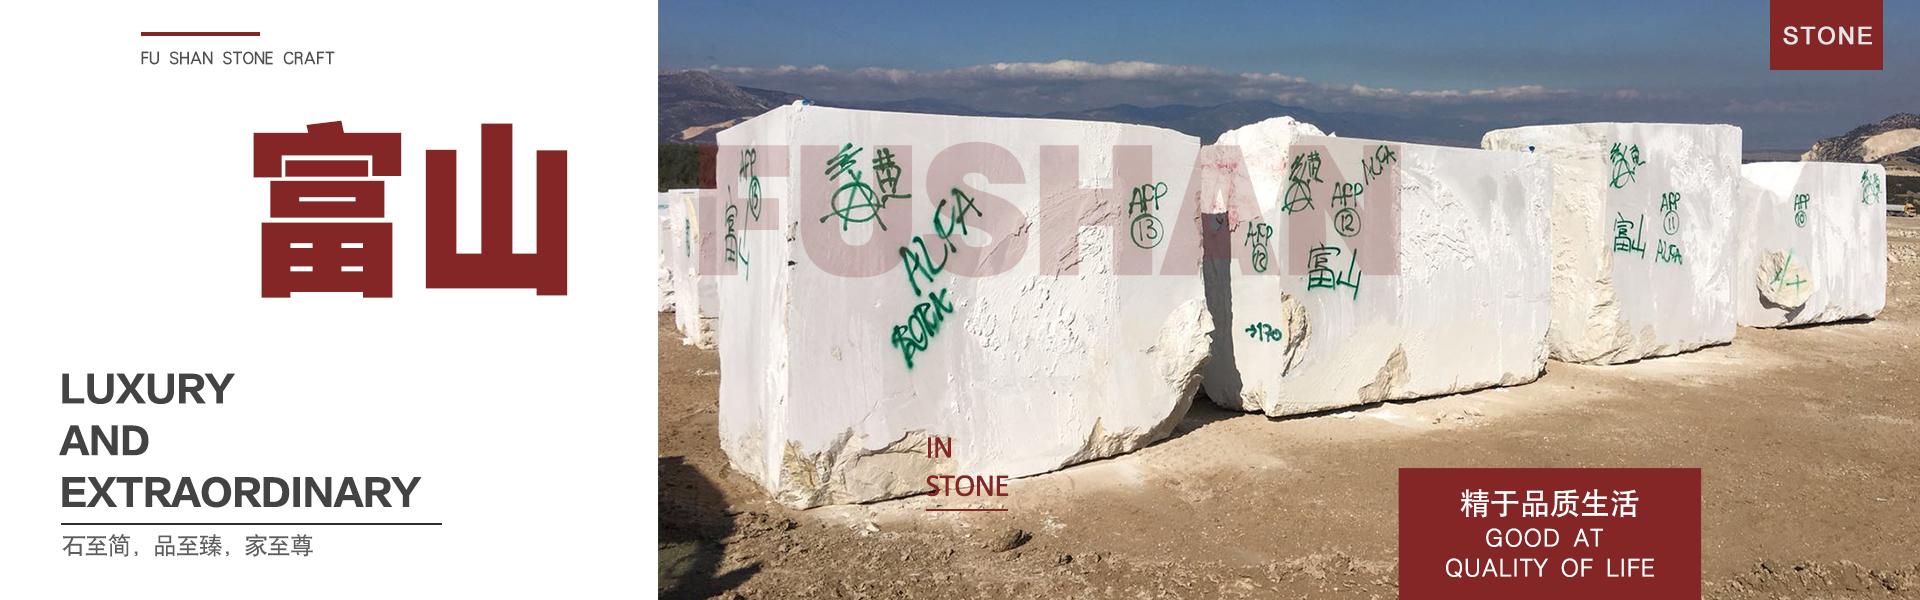 云浮市富山石材工艺有限公司专业消费:大理石火刀拼花,石材浮雕,石材背景墙,大理石电视背景墙,大理石板材